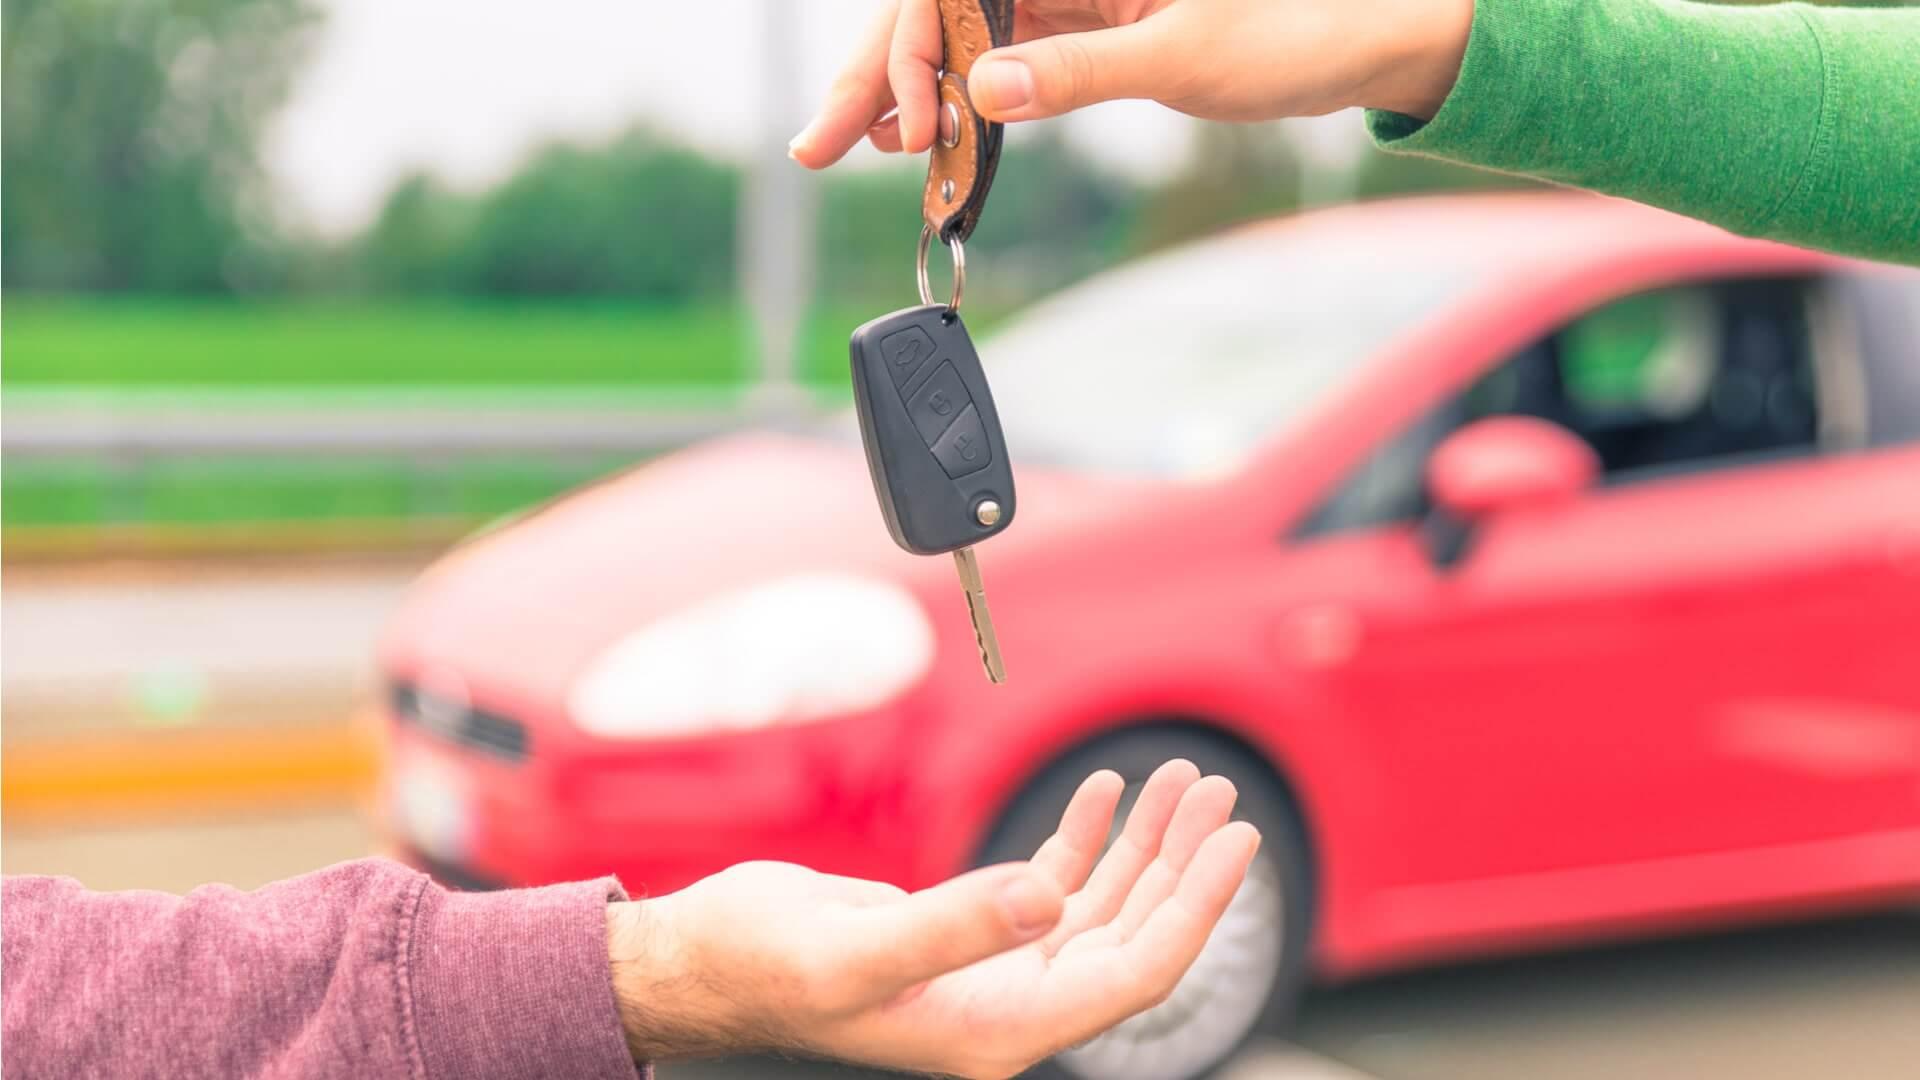 Как продать подержанный автомобиль. Опыт продажи авто. Секреты быстрой продажи БУ автомобиля